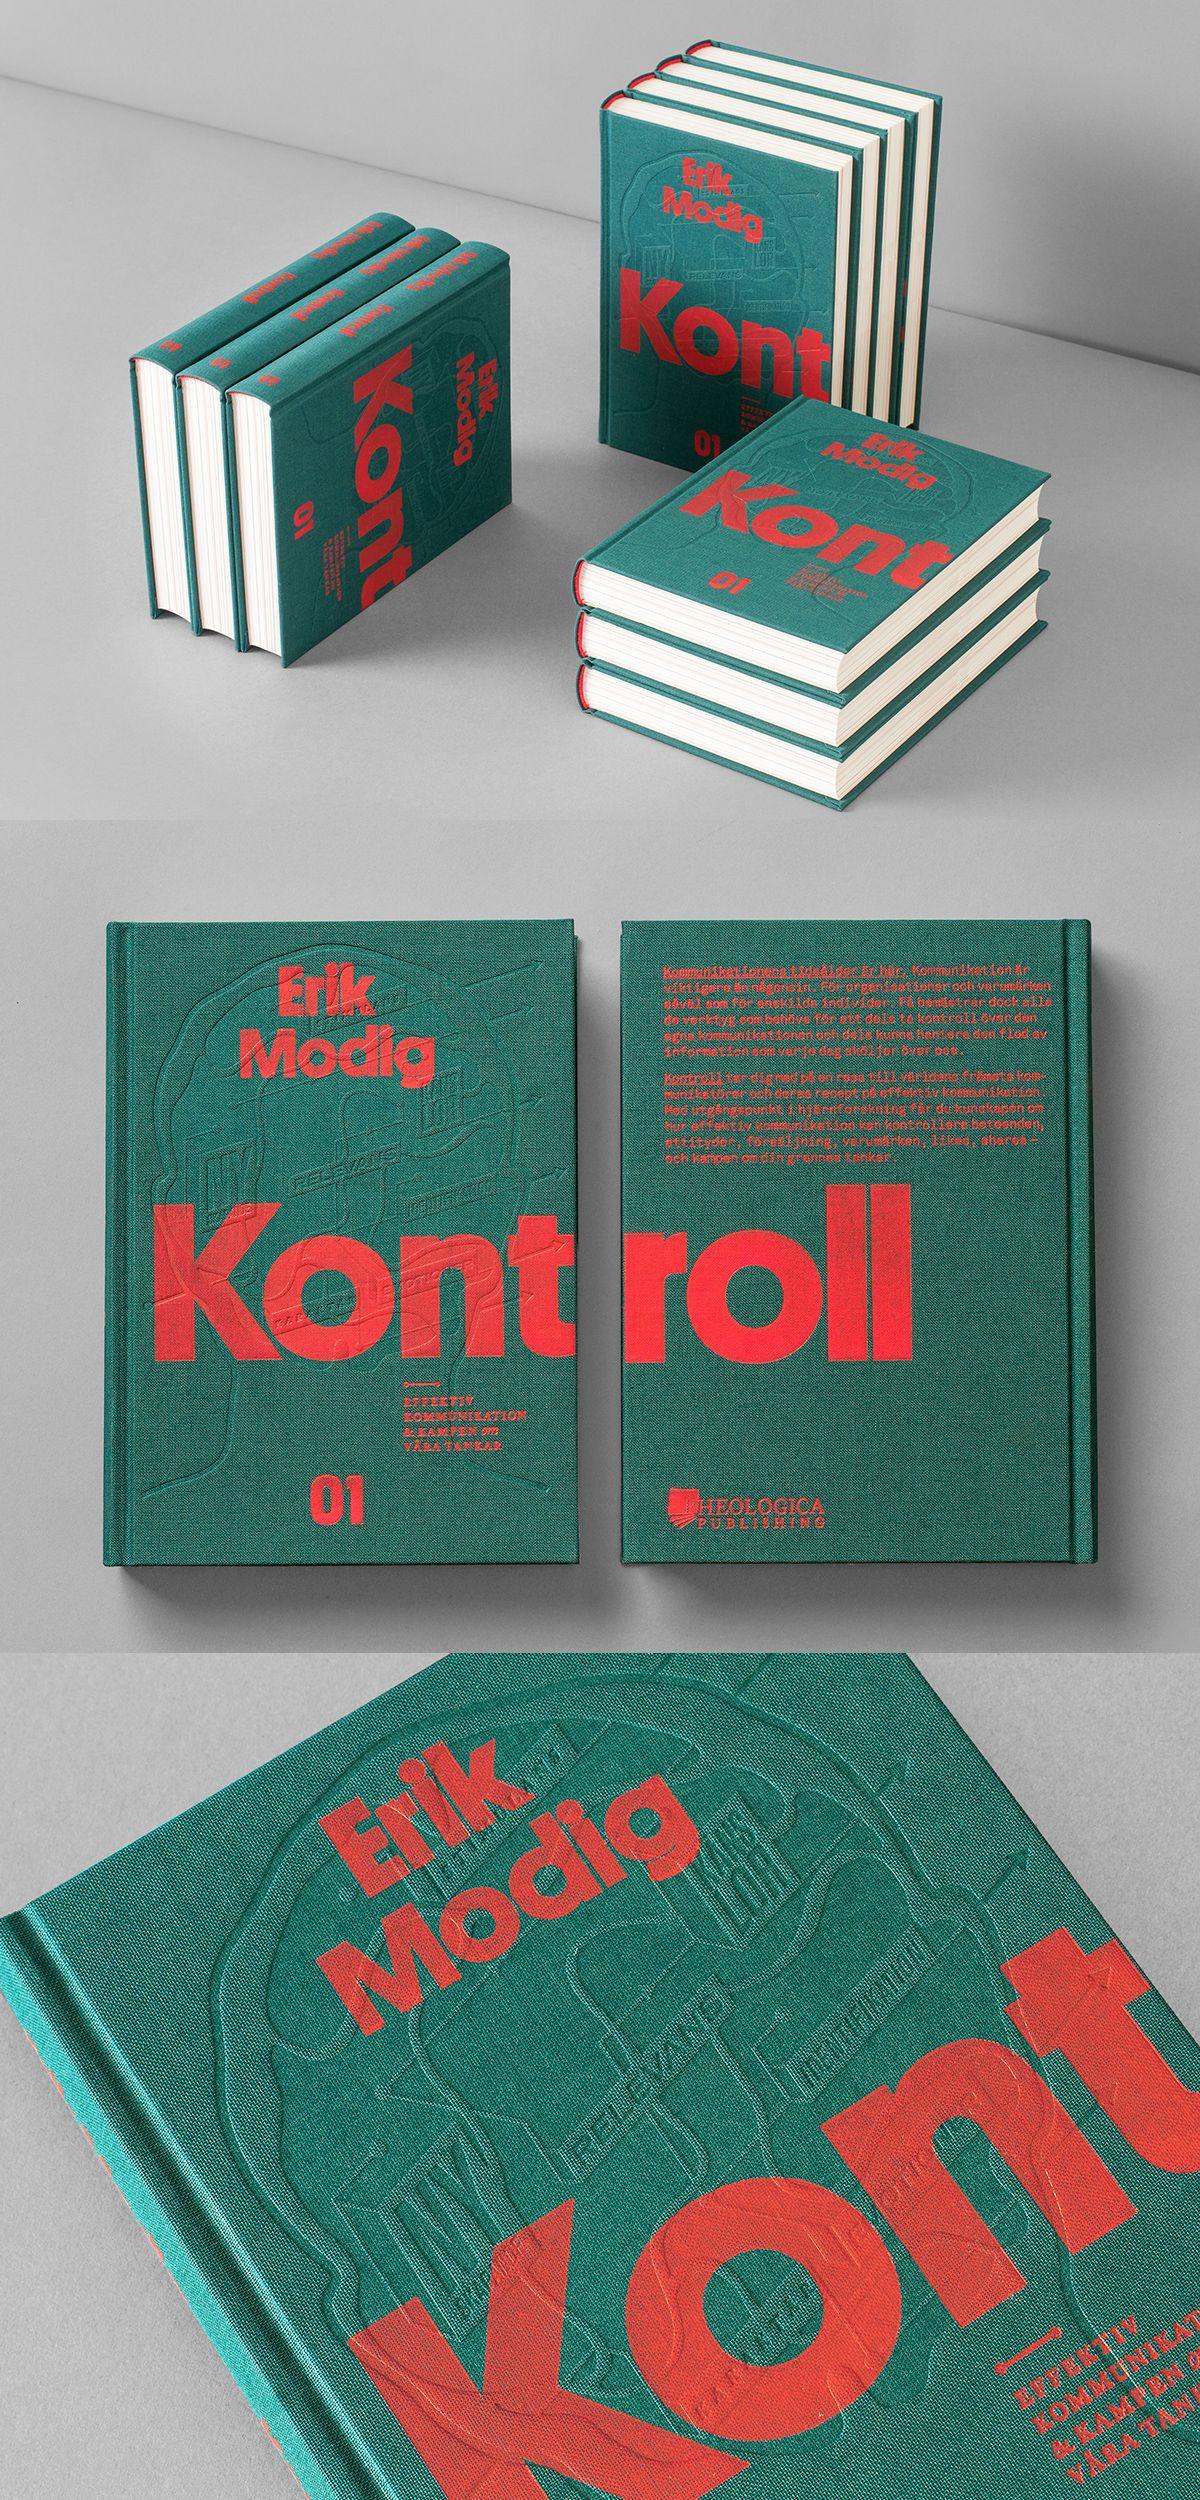 Erik Modig - Kontroll by Snask